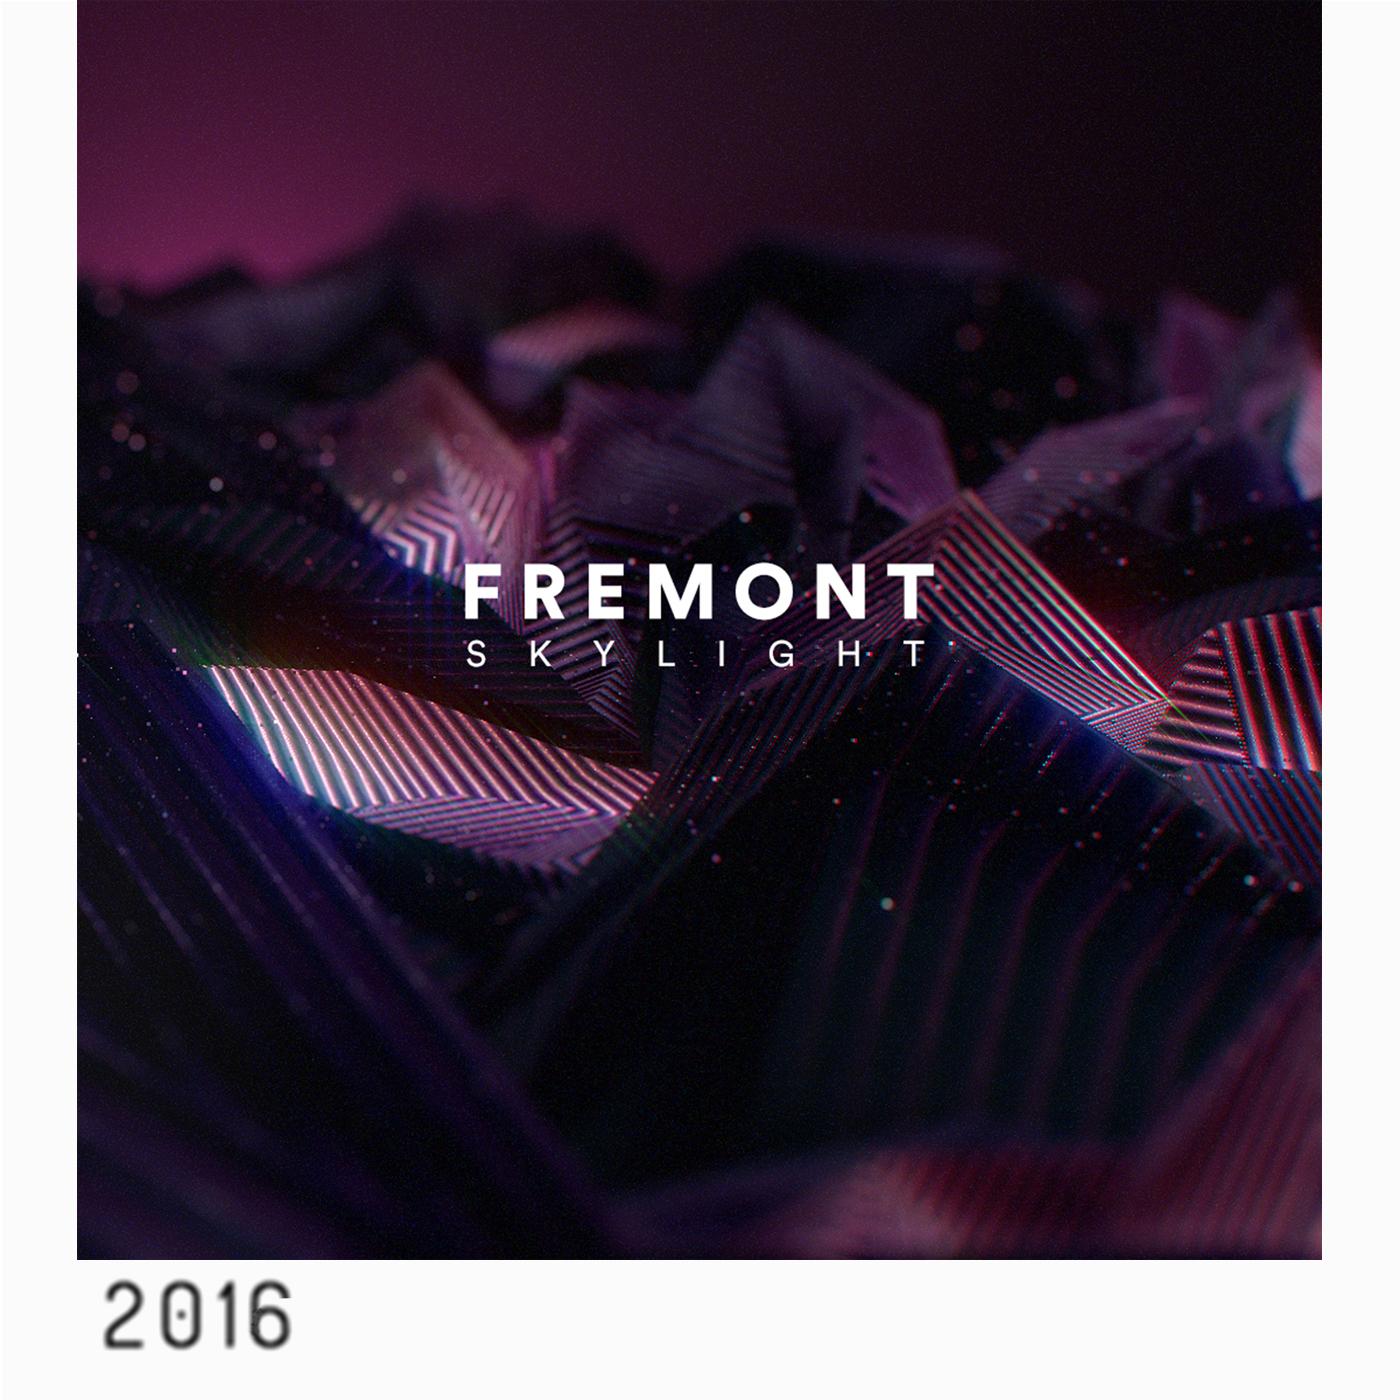 FREMONT_SKYLIGHT_WEBSITE_ALBUM_DATE_TEMPLETE.jpg